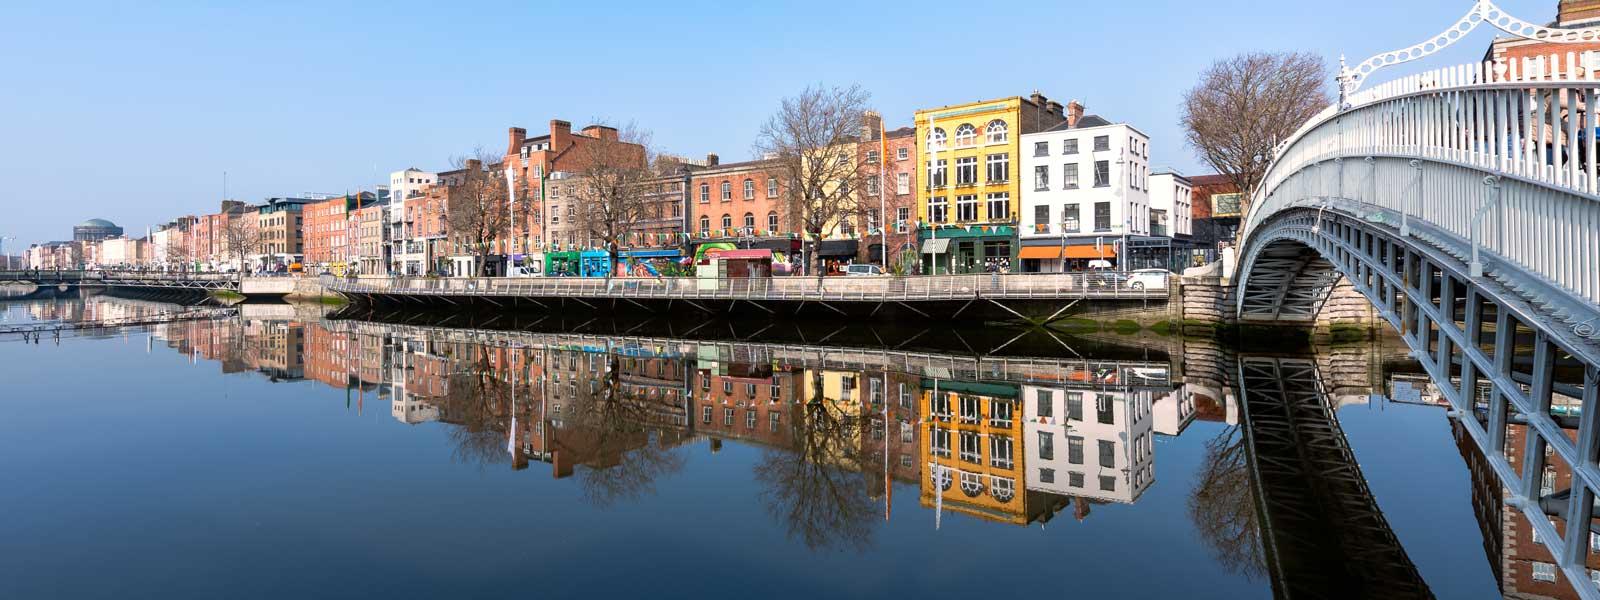 Đầu Tư Định Cư Ireland Nhận Quyền Thường Trú Châu Âu